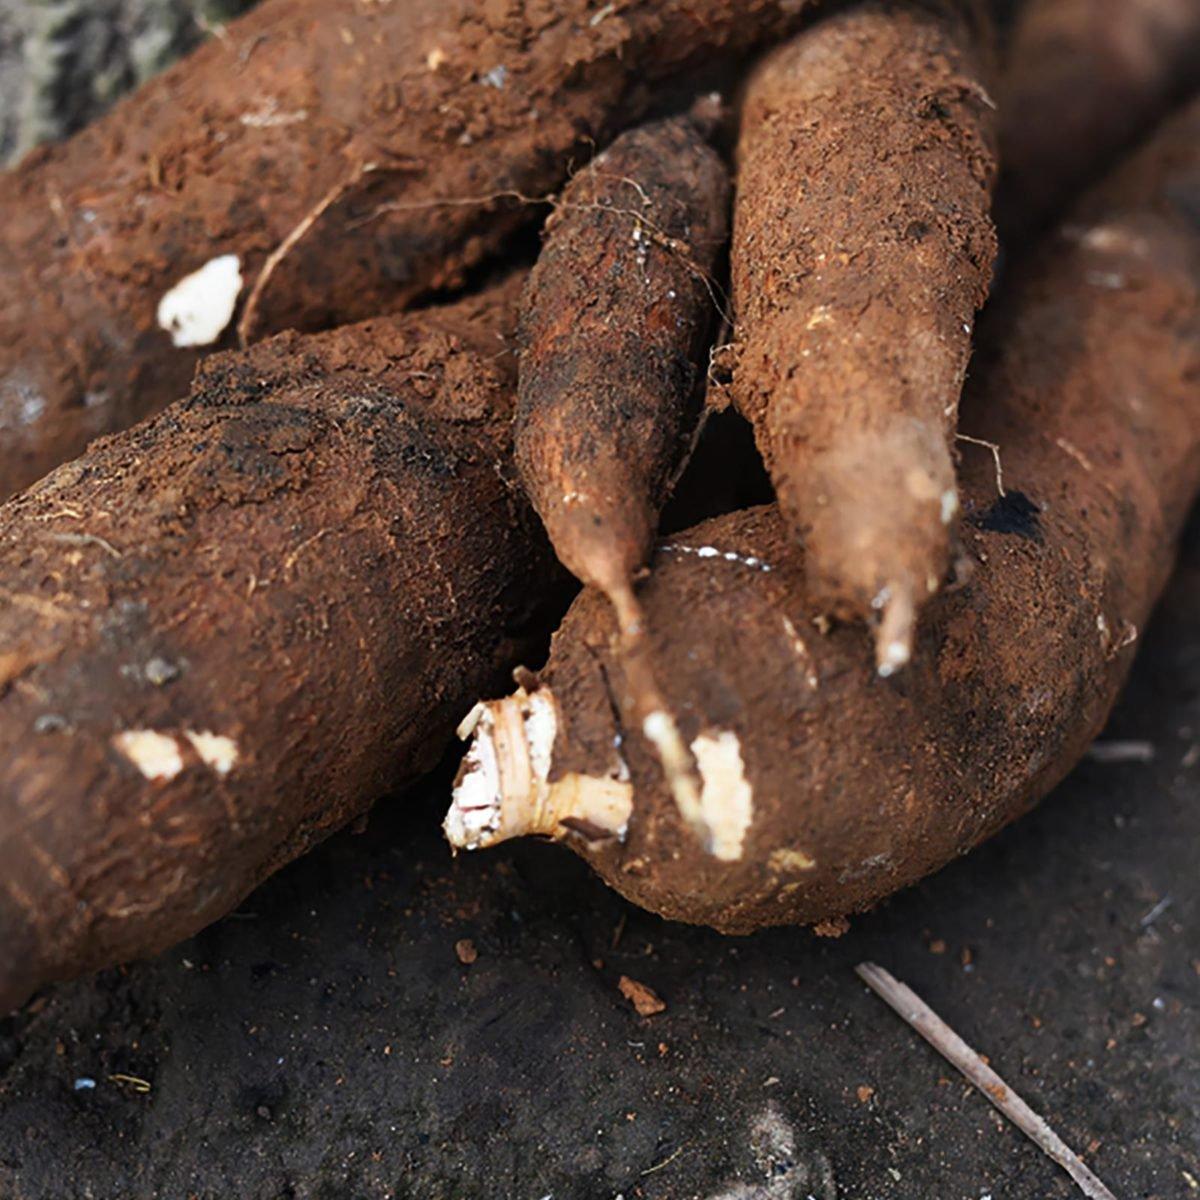 血但不痛_但苦杏仁就不痛了,它里面含有氢氰酸,只需要大约70颗生苦杏仁就能杀死